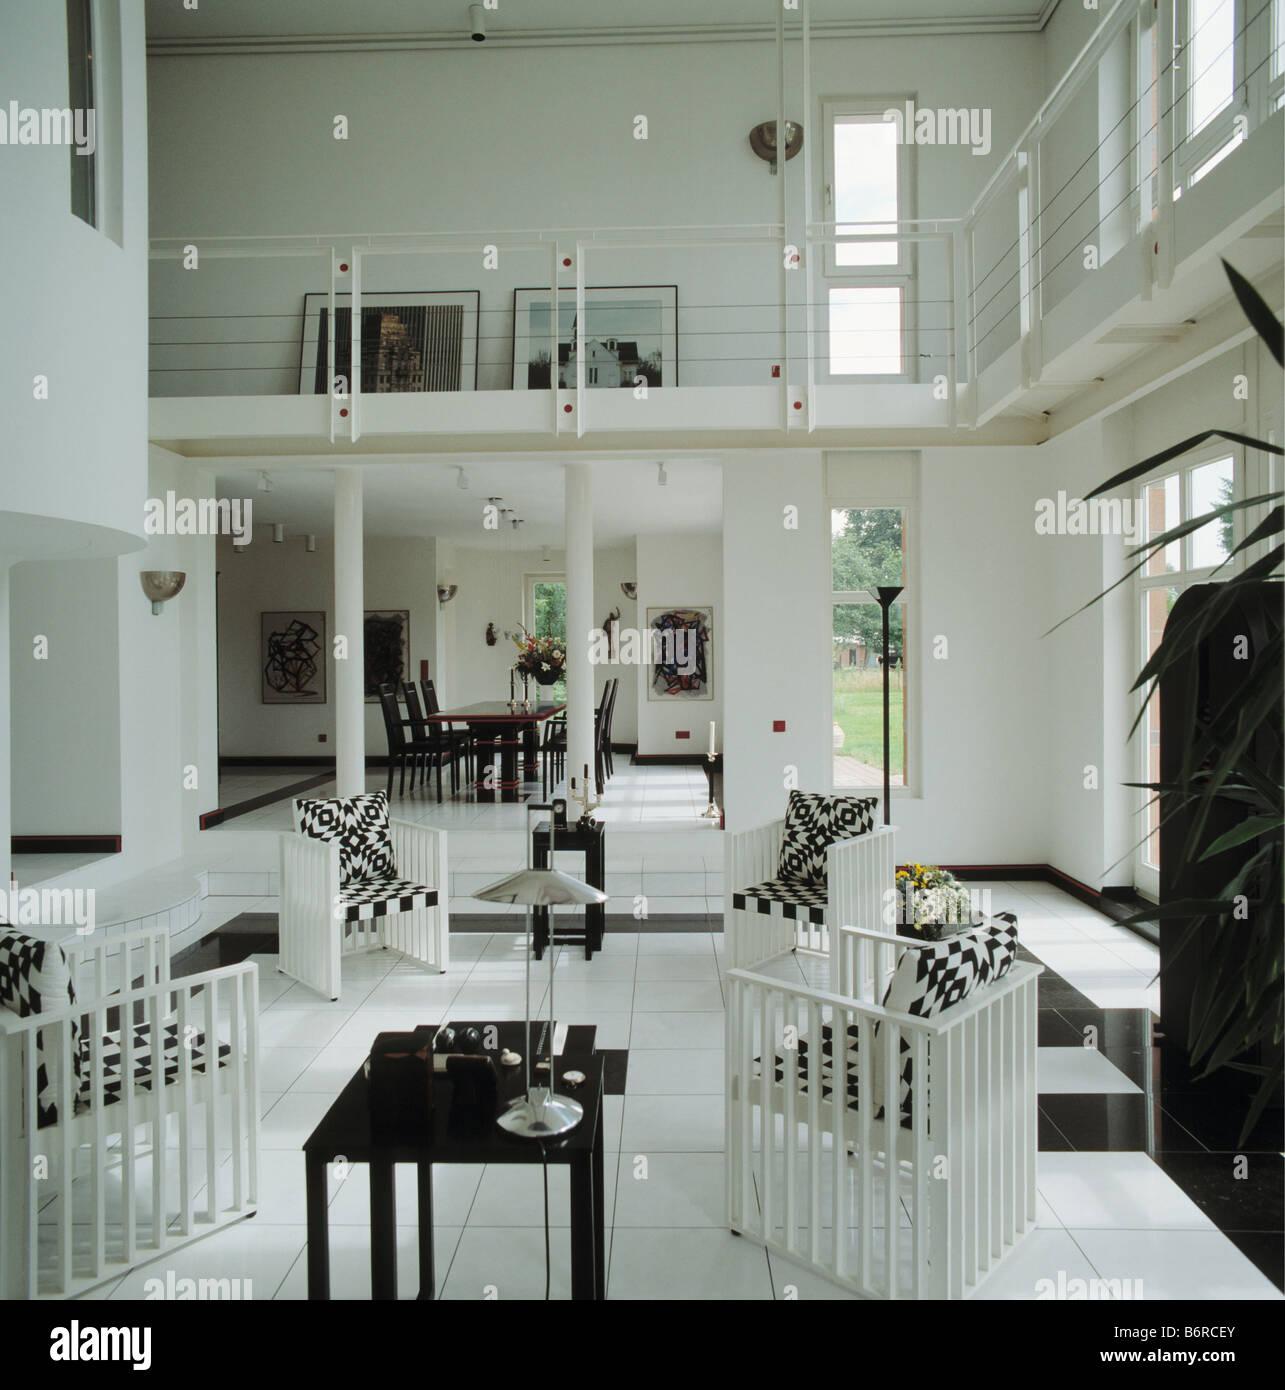 Coussins noir et blanc sur des chaises blanches en hauteur ...